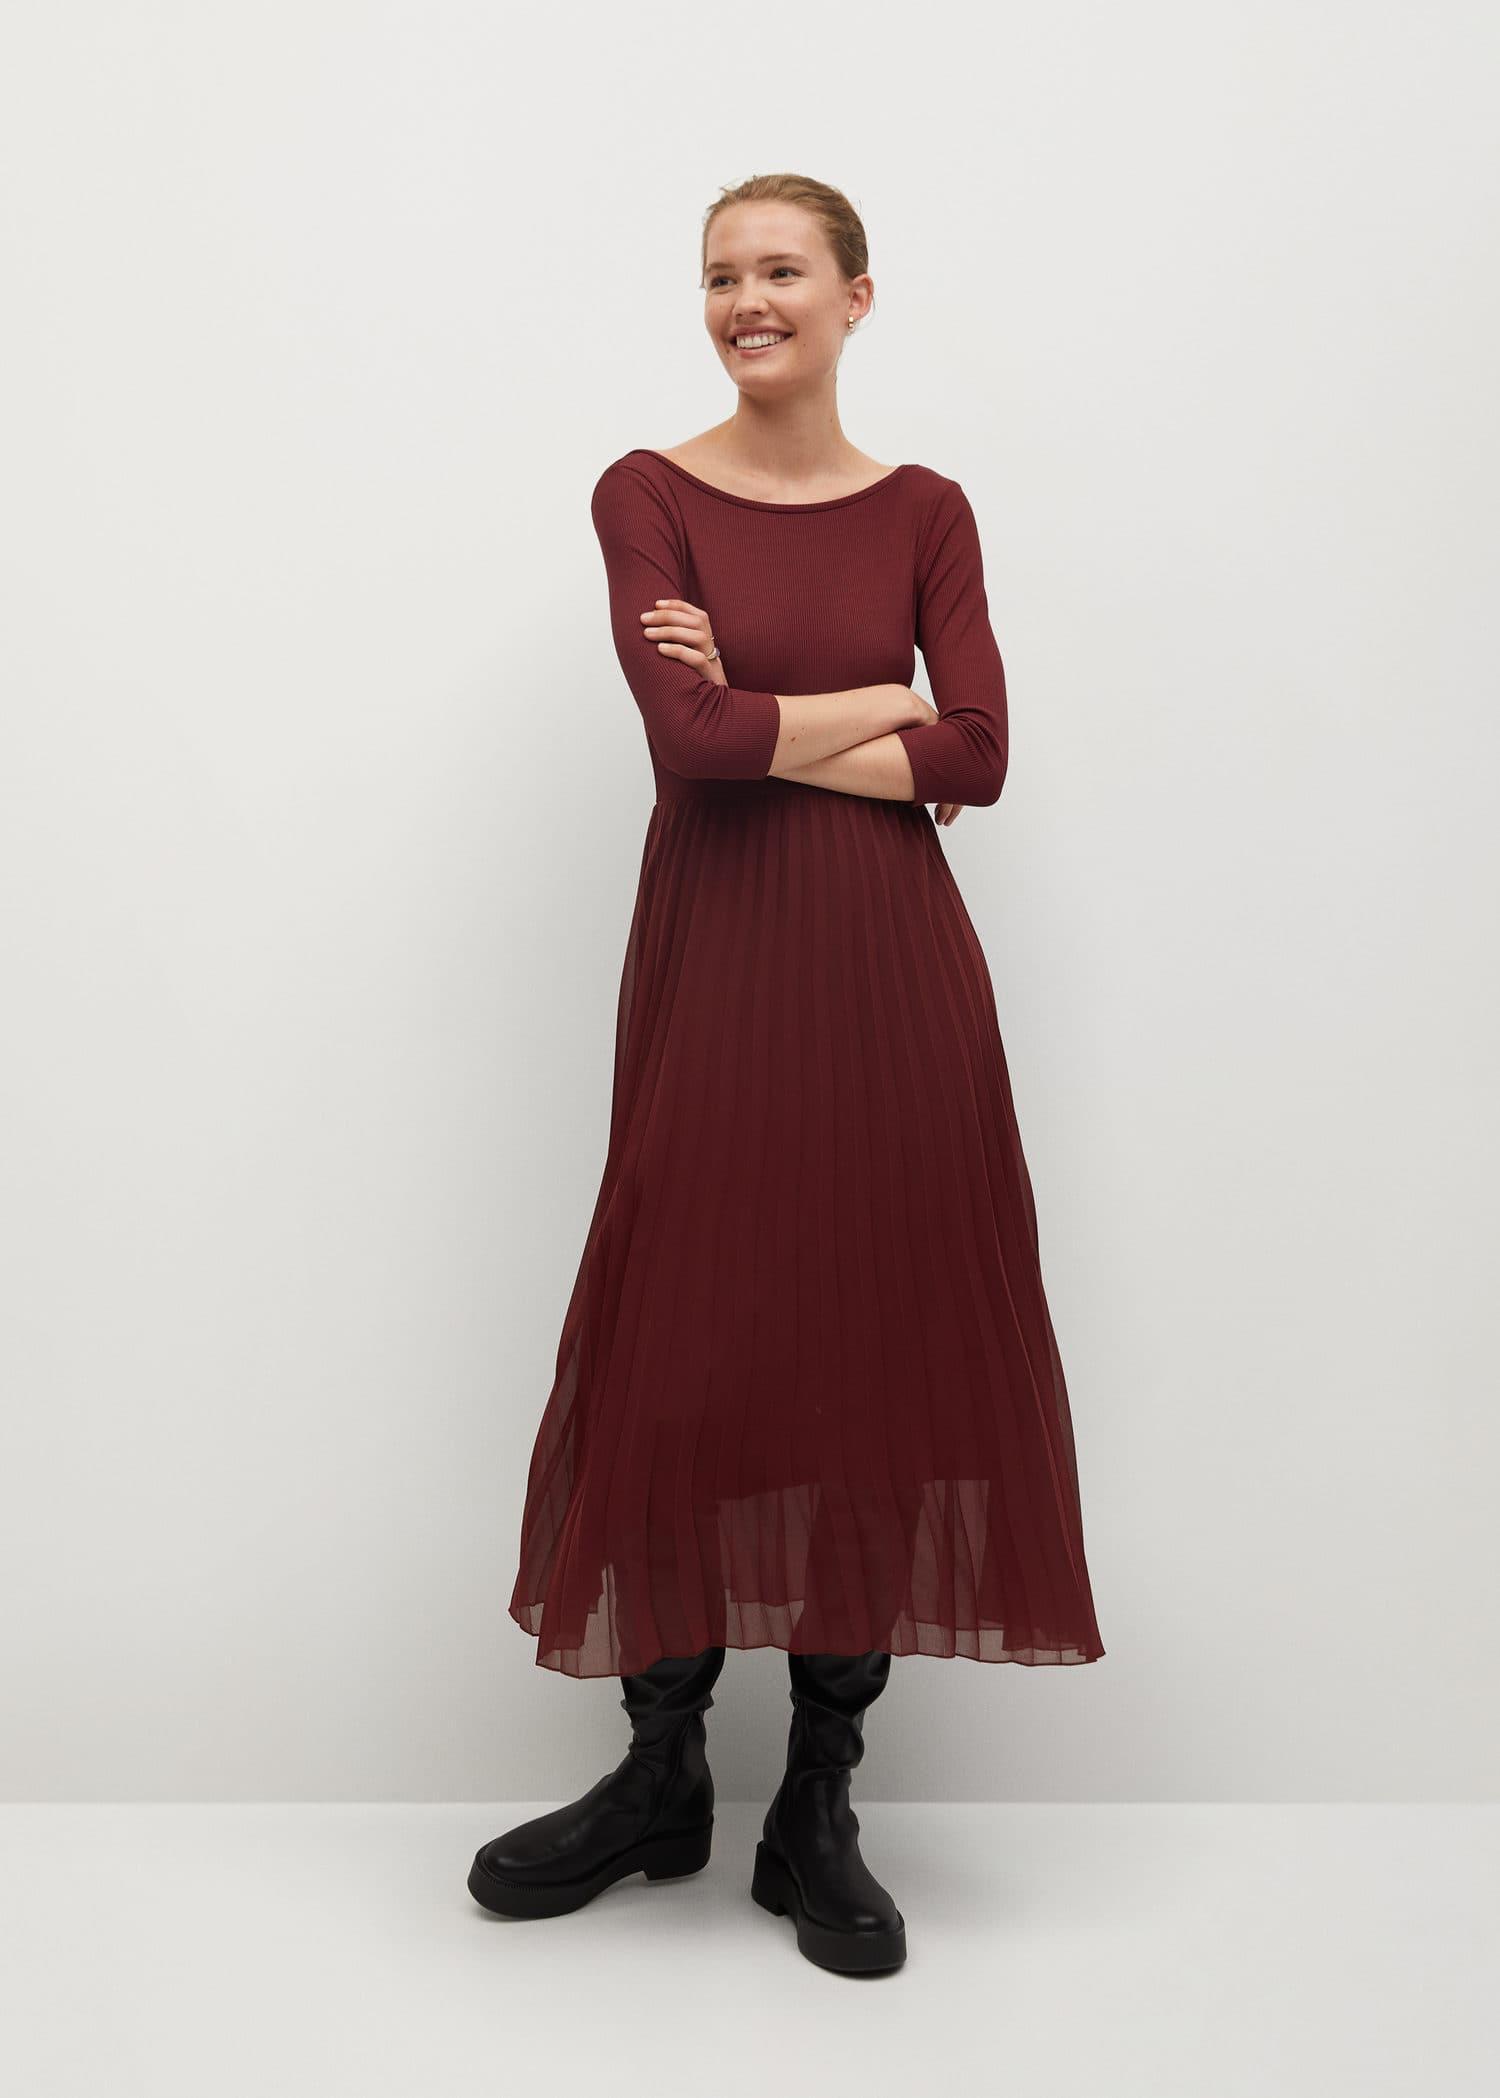 Party - Kleider für Damen 19  Mango Deutschland